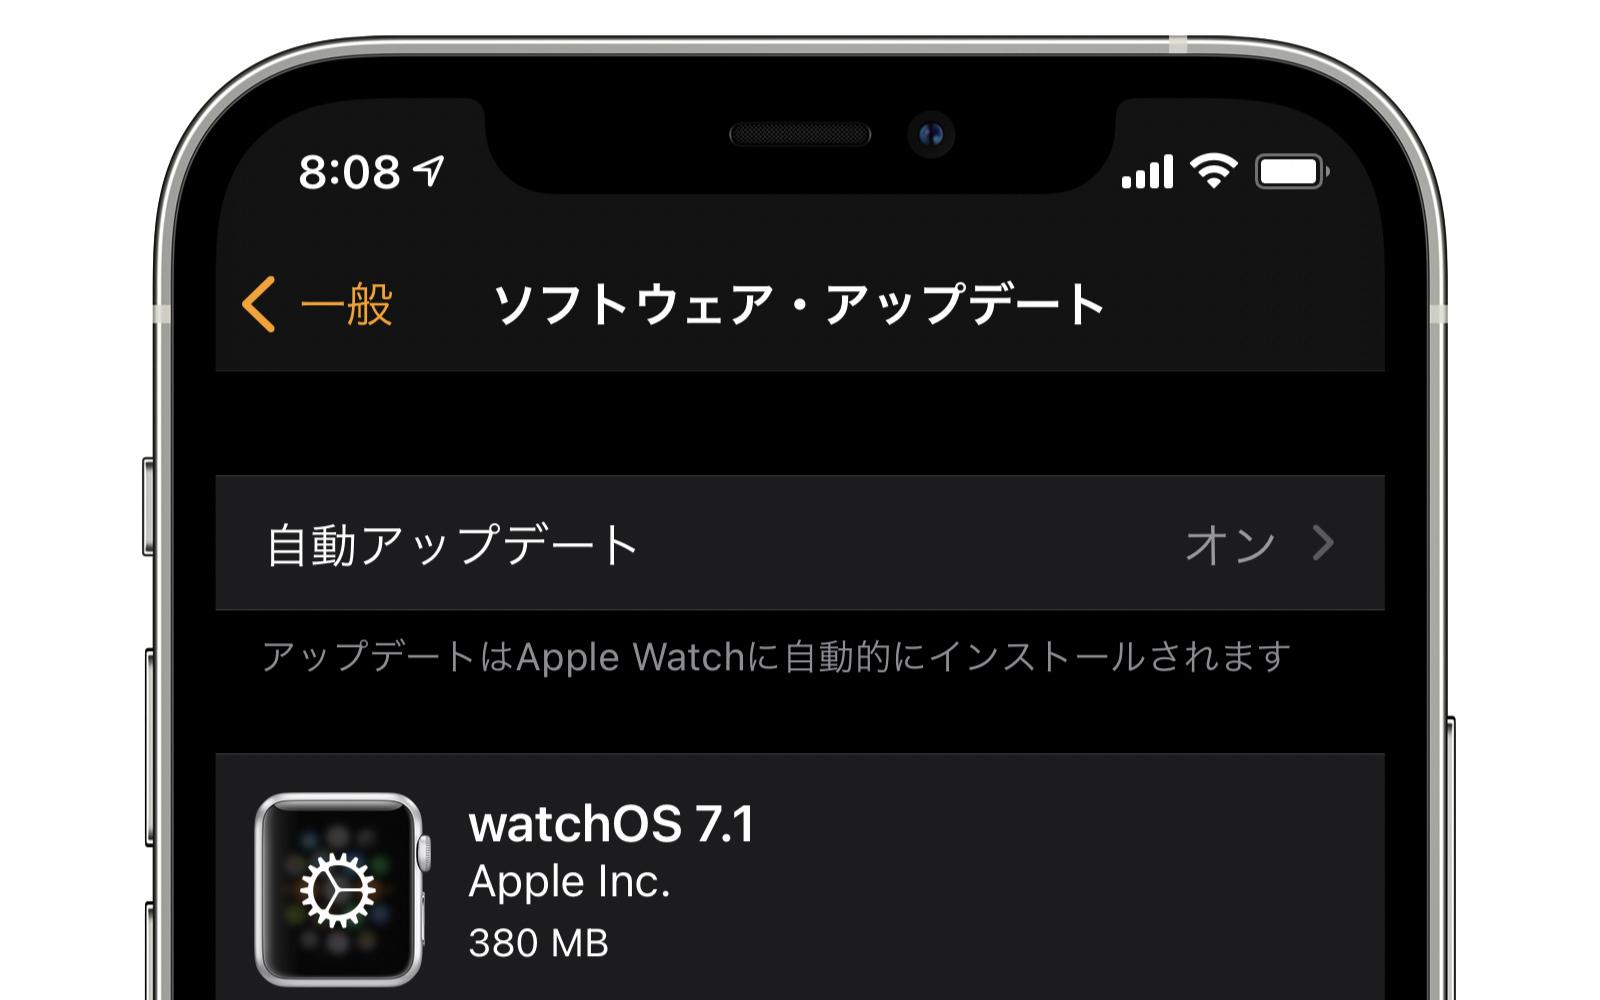 WatchOS 7 1 update